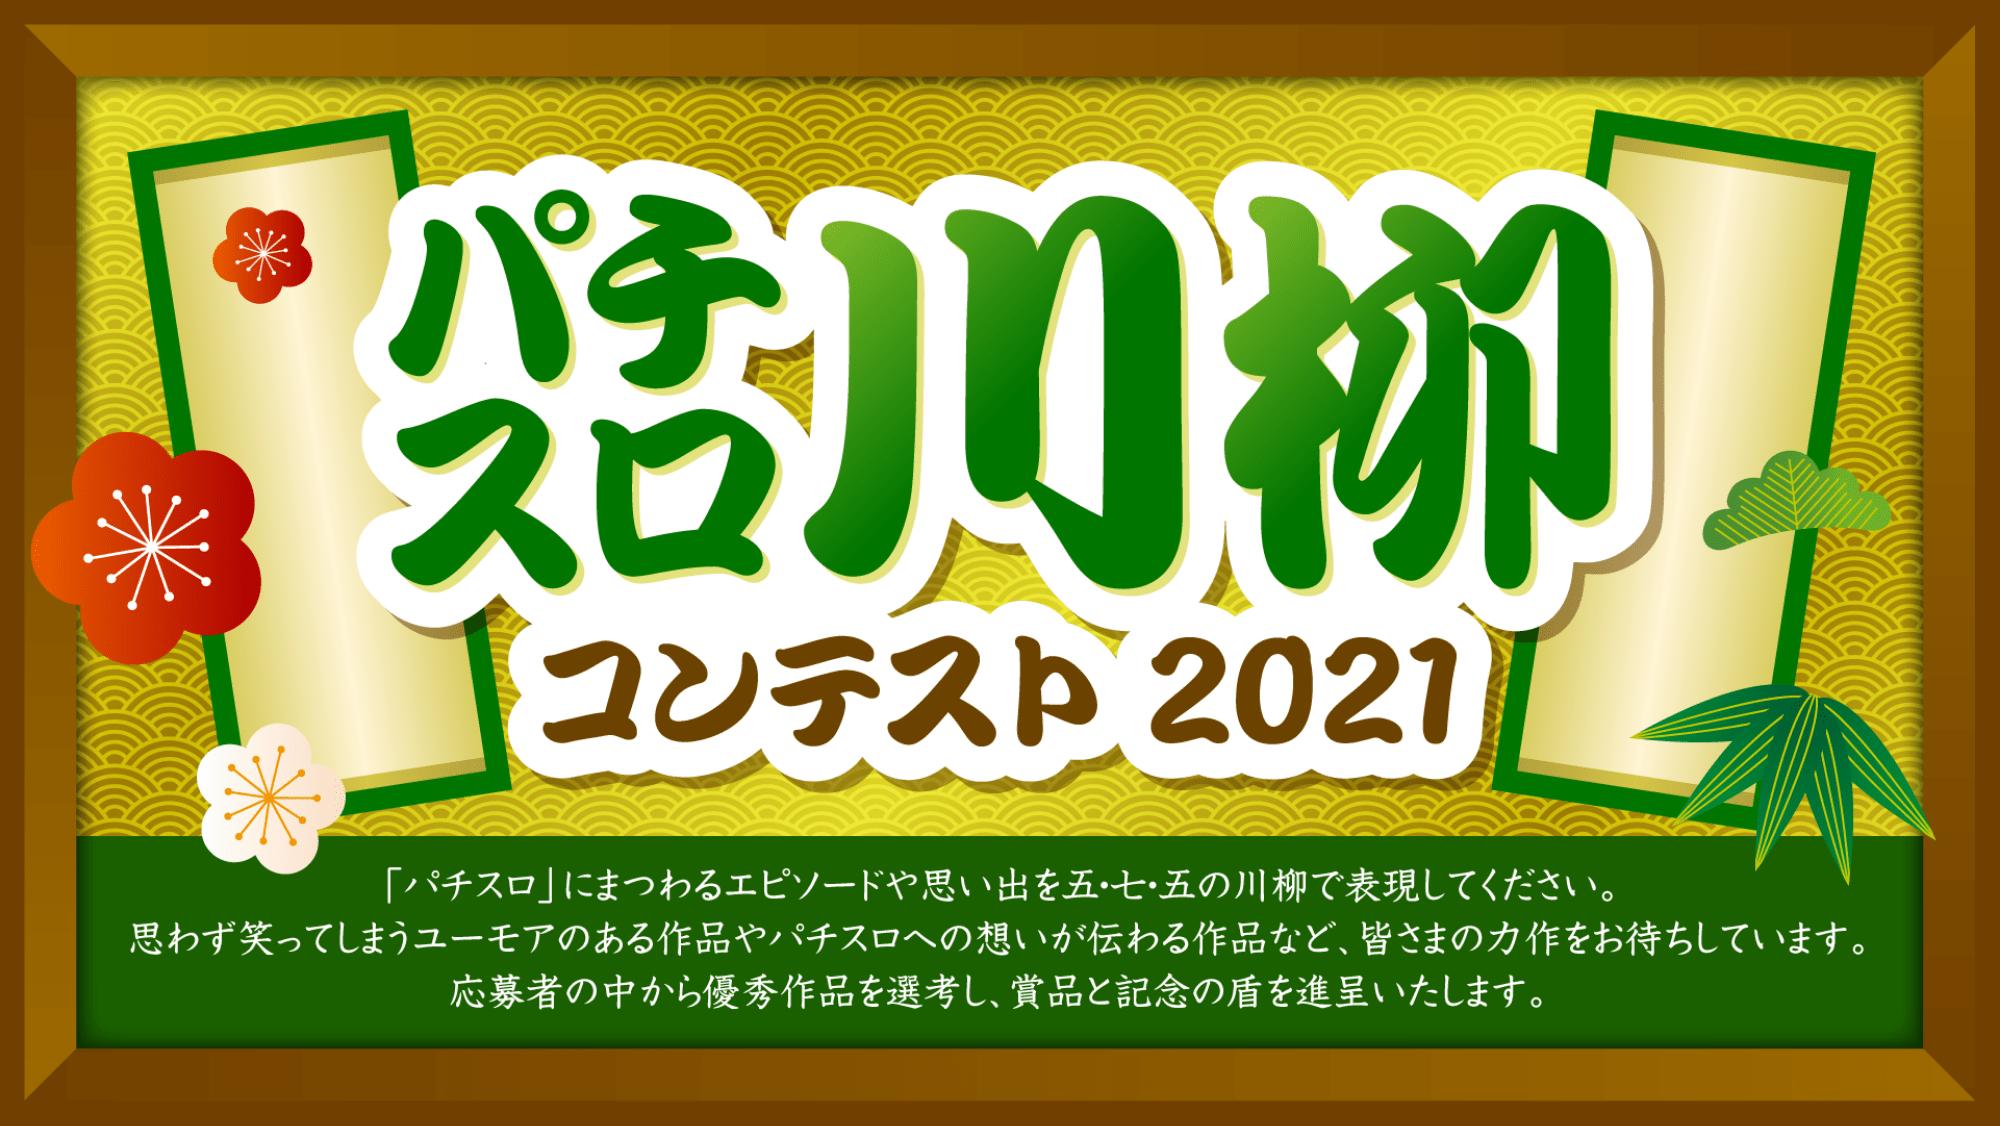 パチスロ パチスロ川柳コンテスト2021